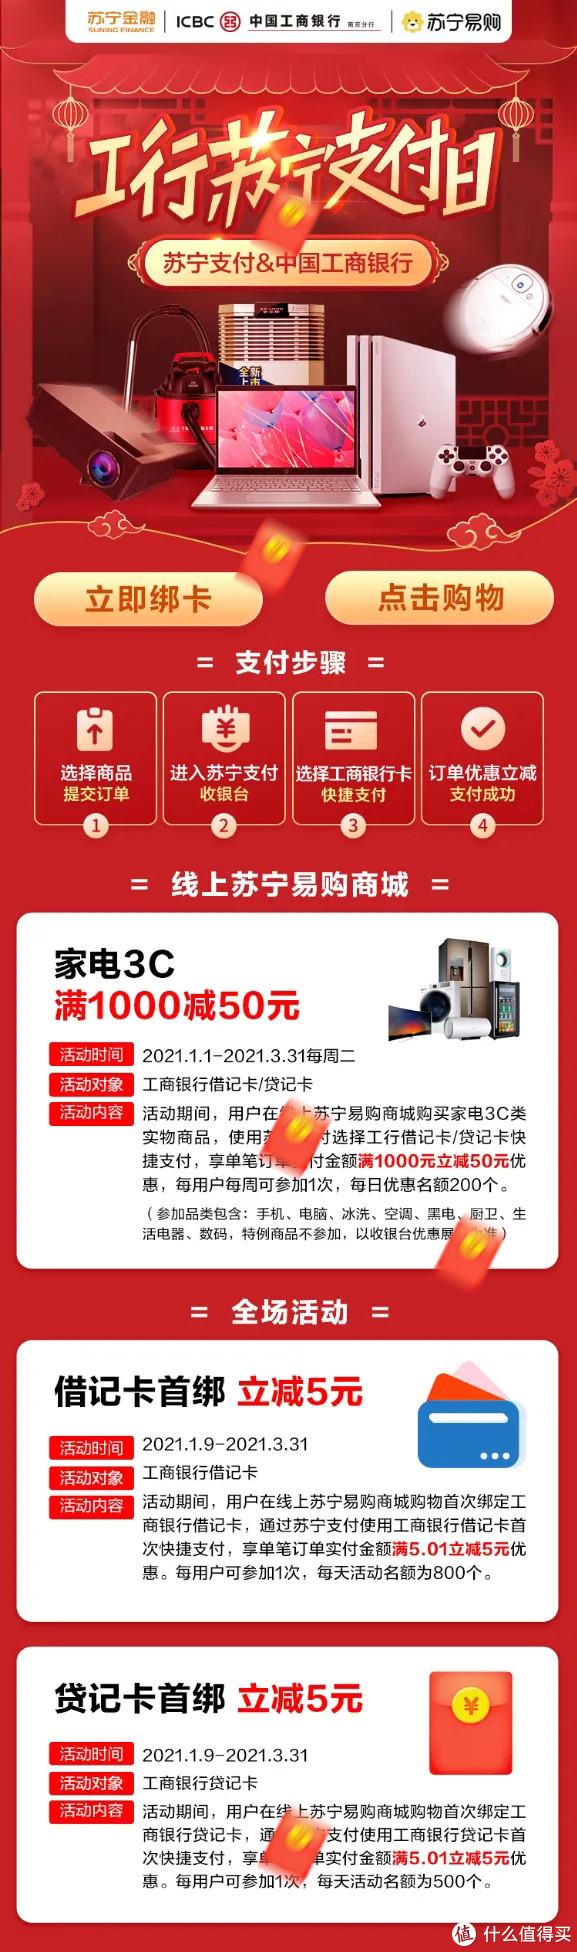 工商银行 中信银行 邮储银行 云闪付等热门优惠活动推荐 20210112